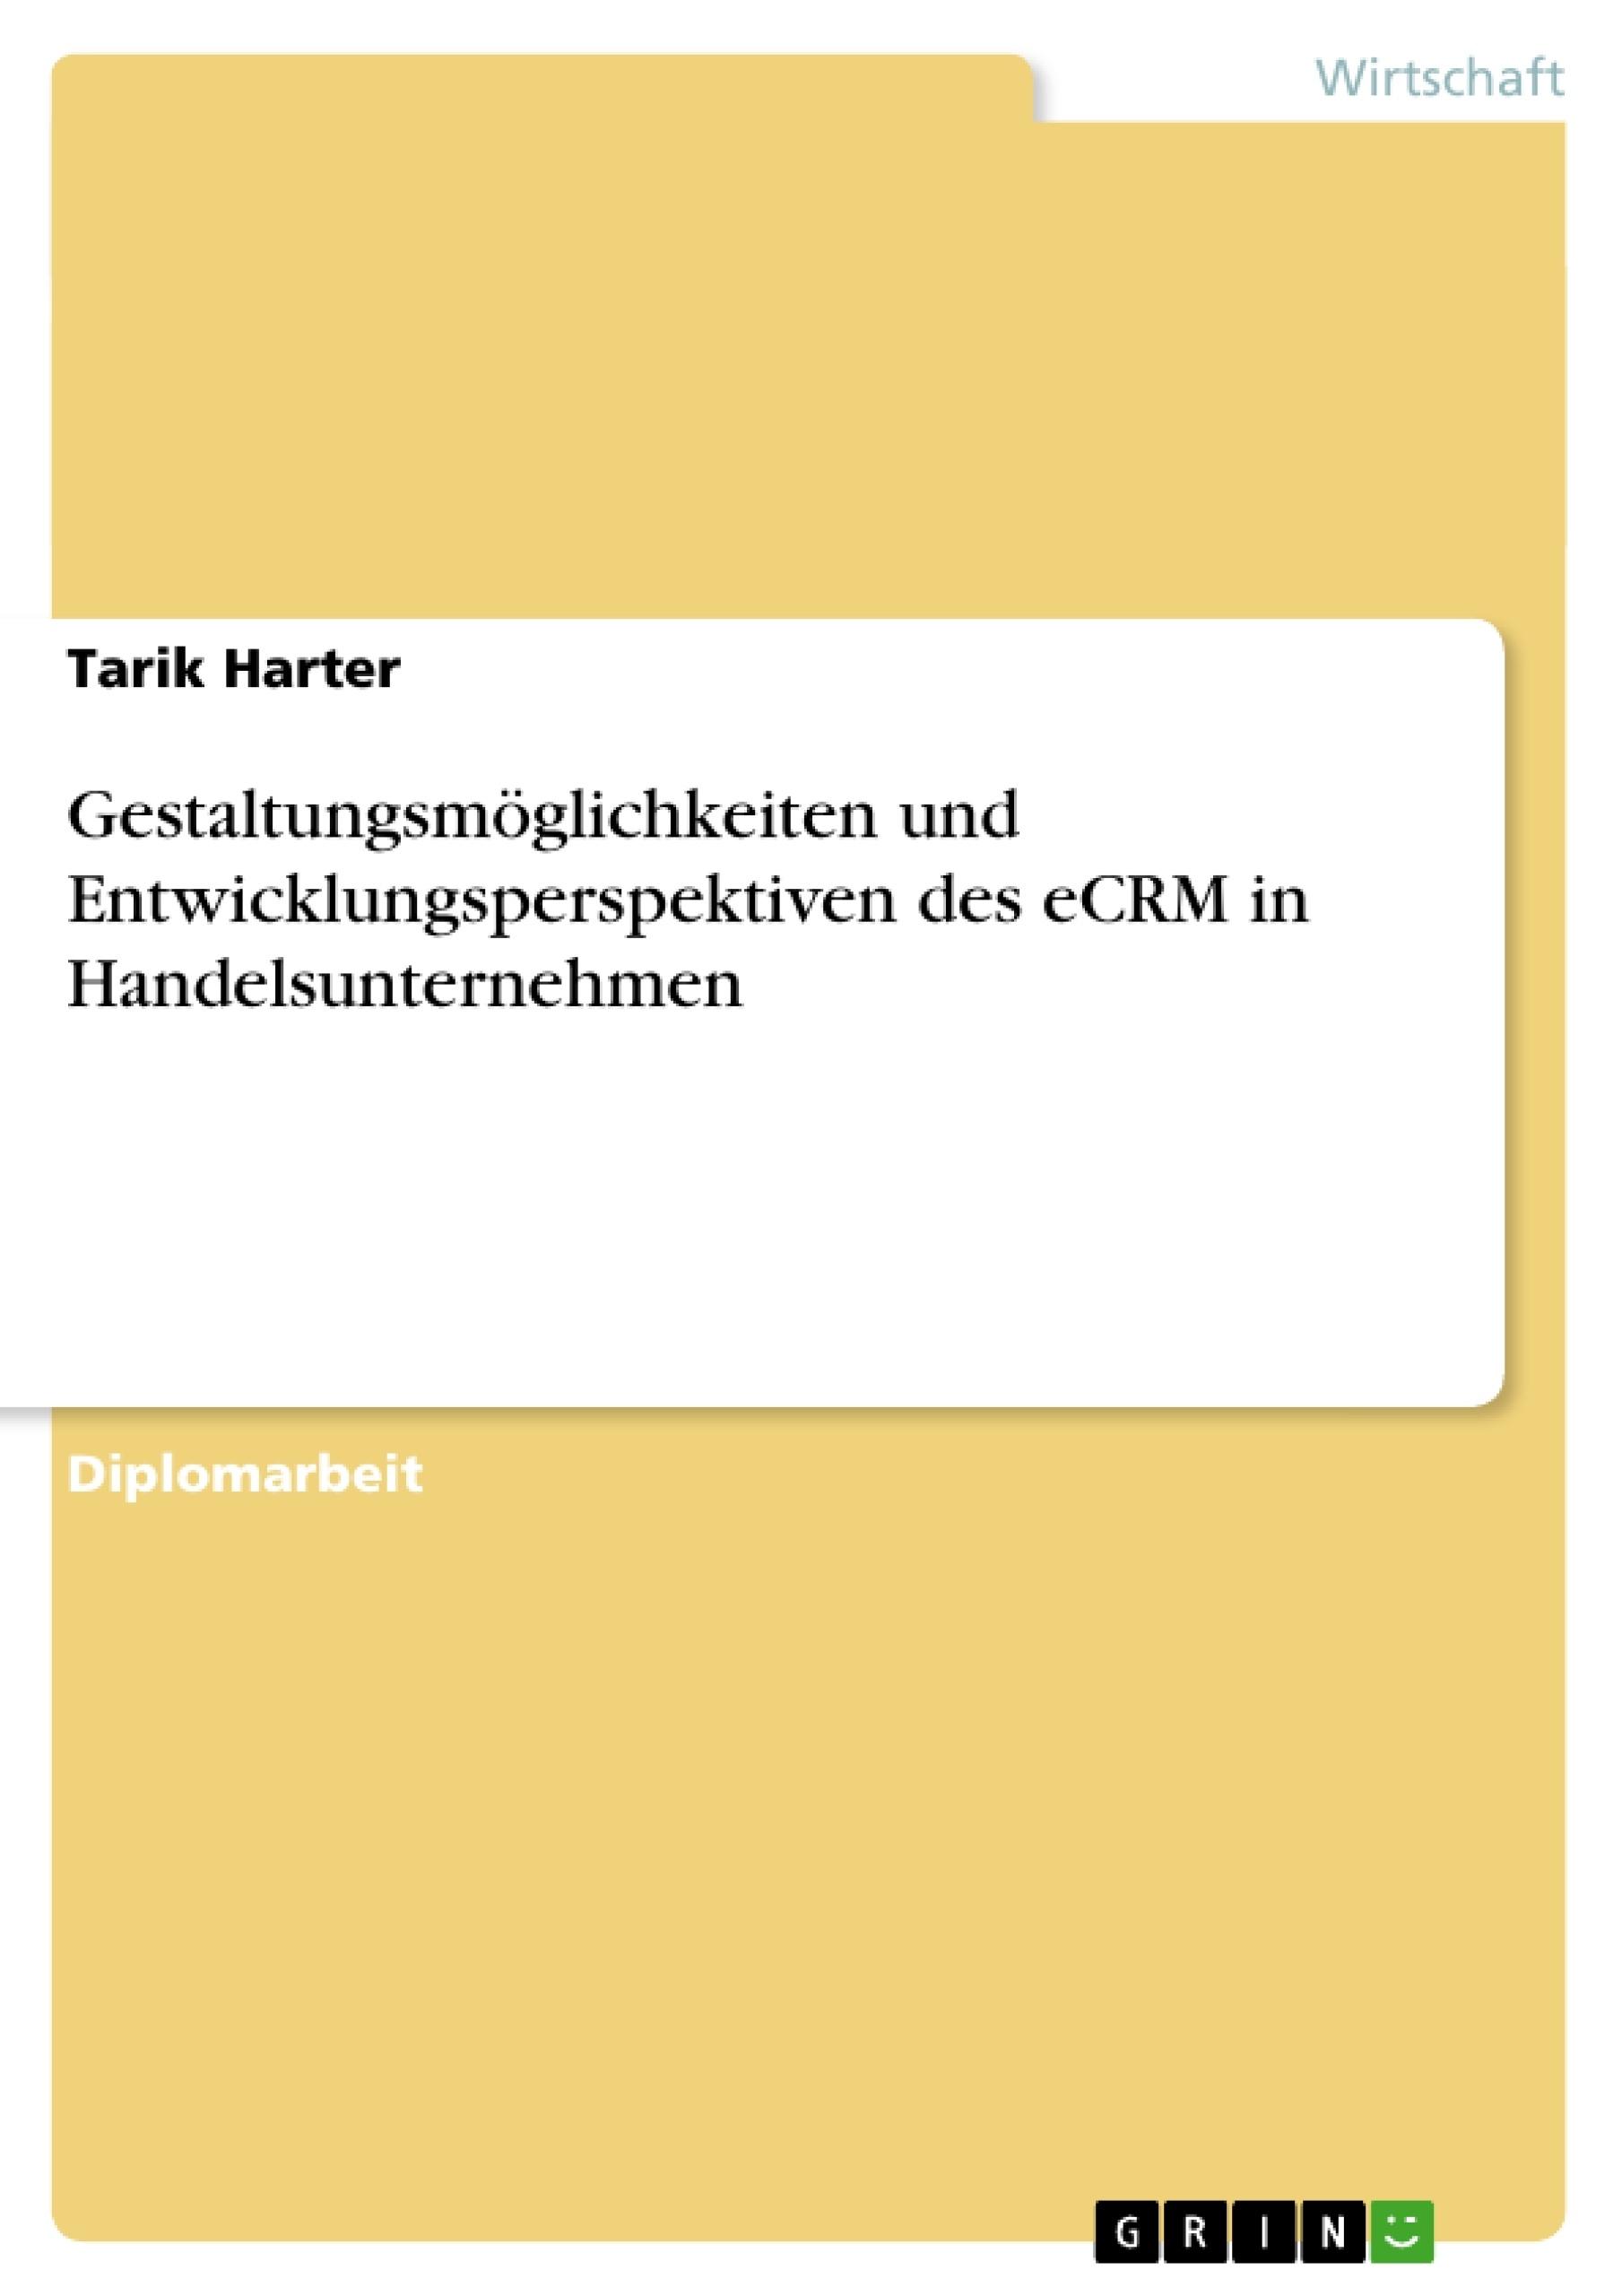 Titel: Gestaltungsmöglichkeiten und Entwicklungsperspektiven des eCRM in Handelsunternehmen